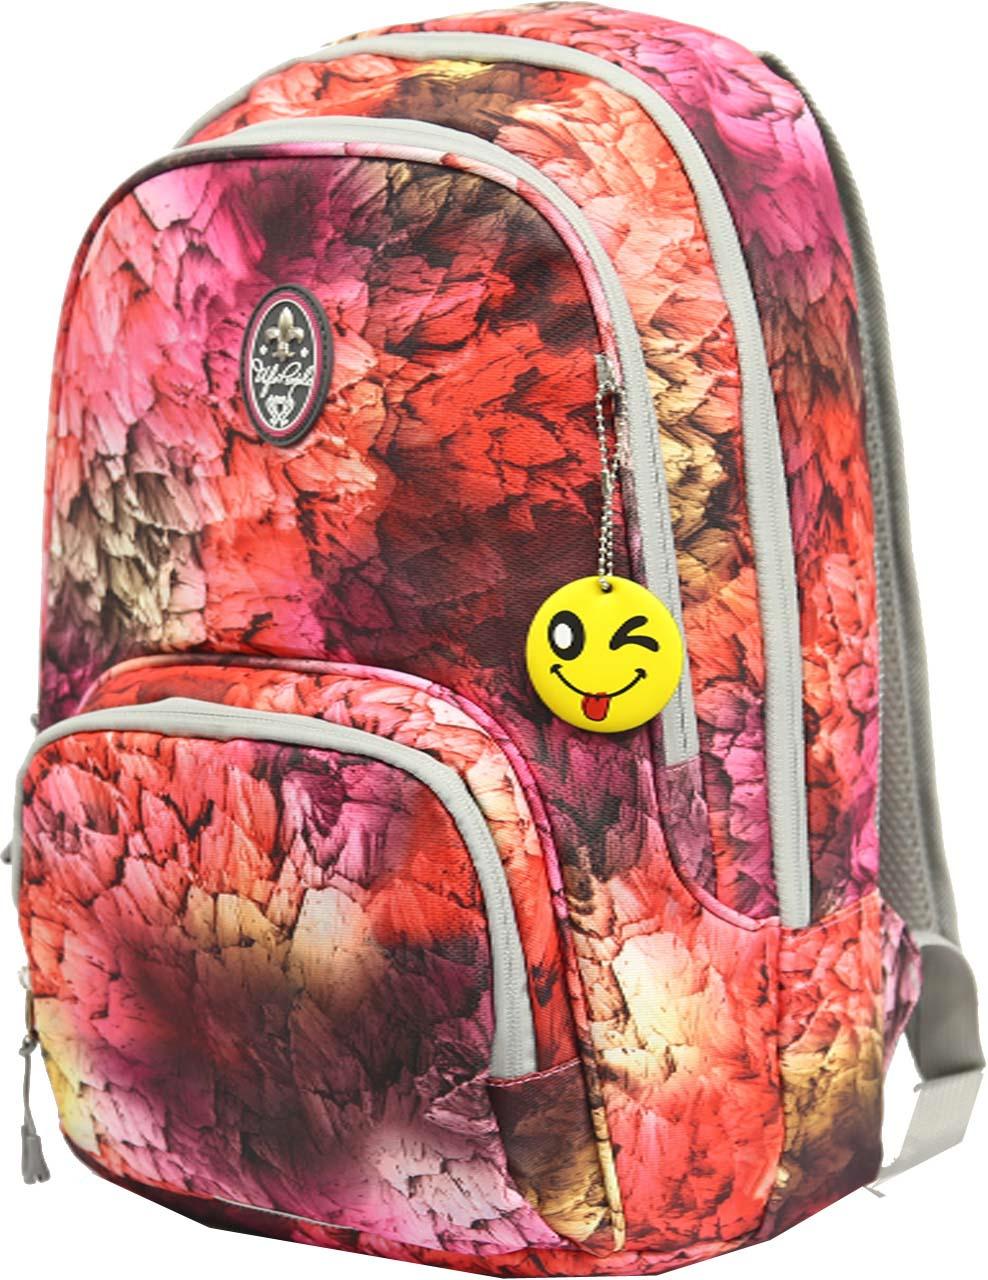 Рюкзак детский UFO People, цвет: красный. 7652 цены онлайн